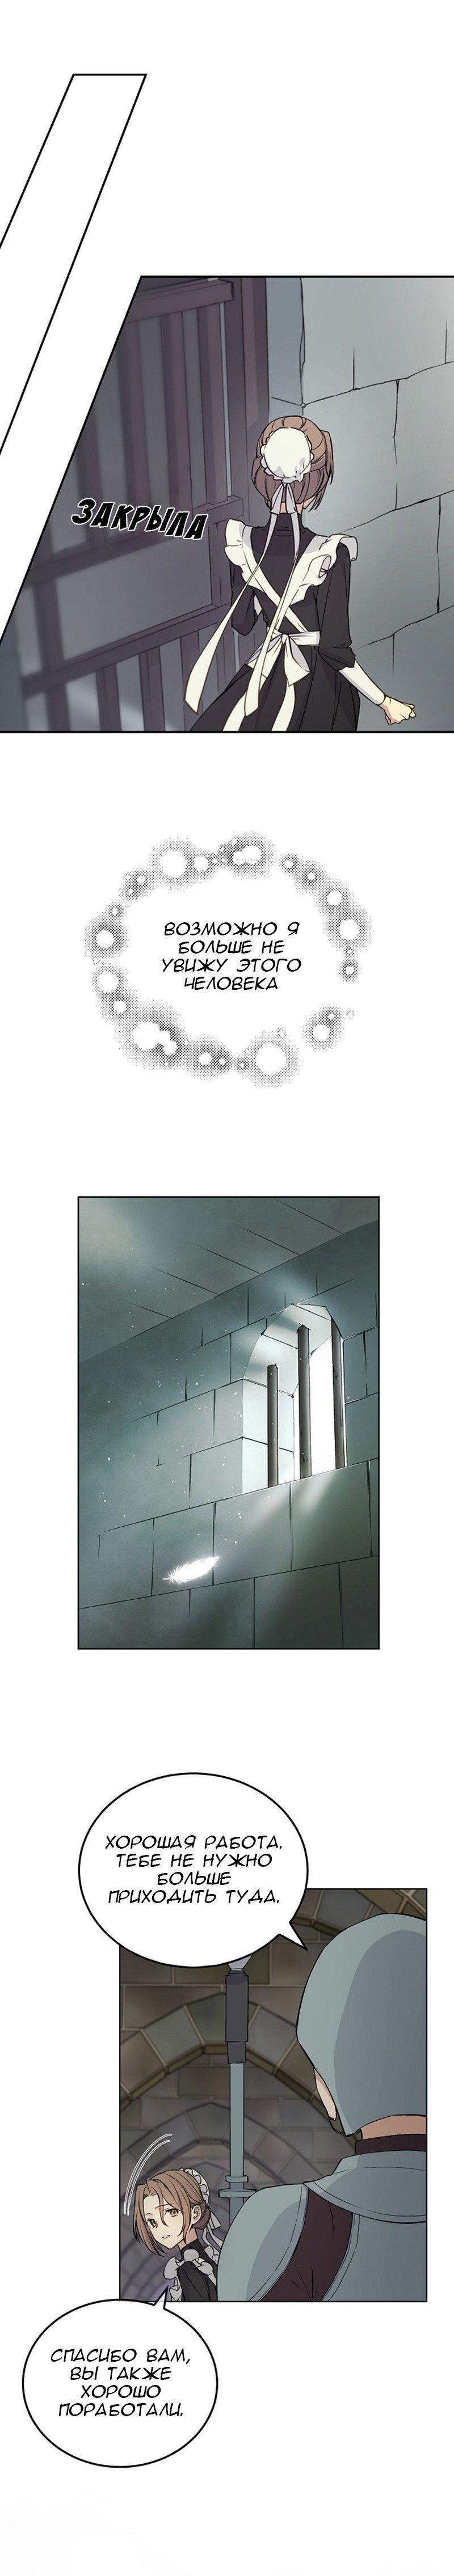 Манга Способная горничная / Capable maid  - Том 1 Глава 1 Страница 21